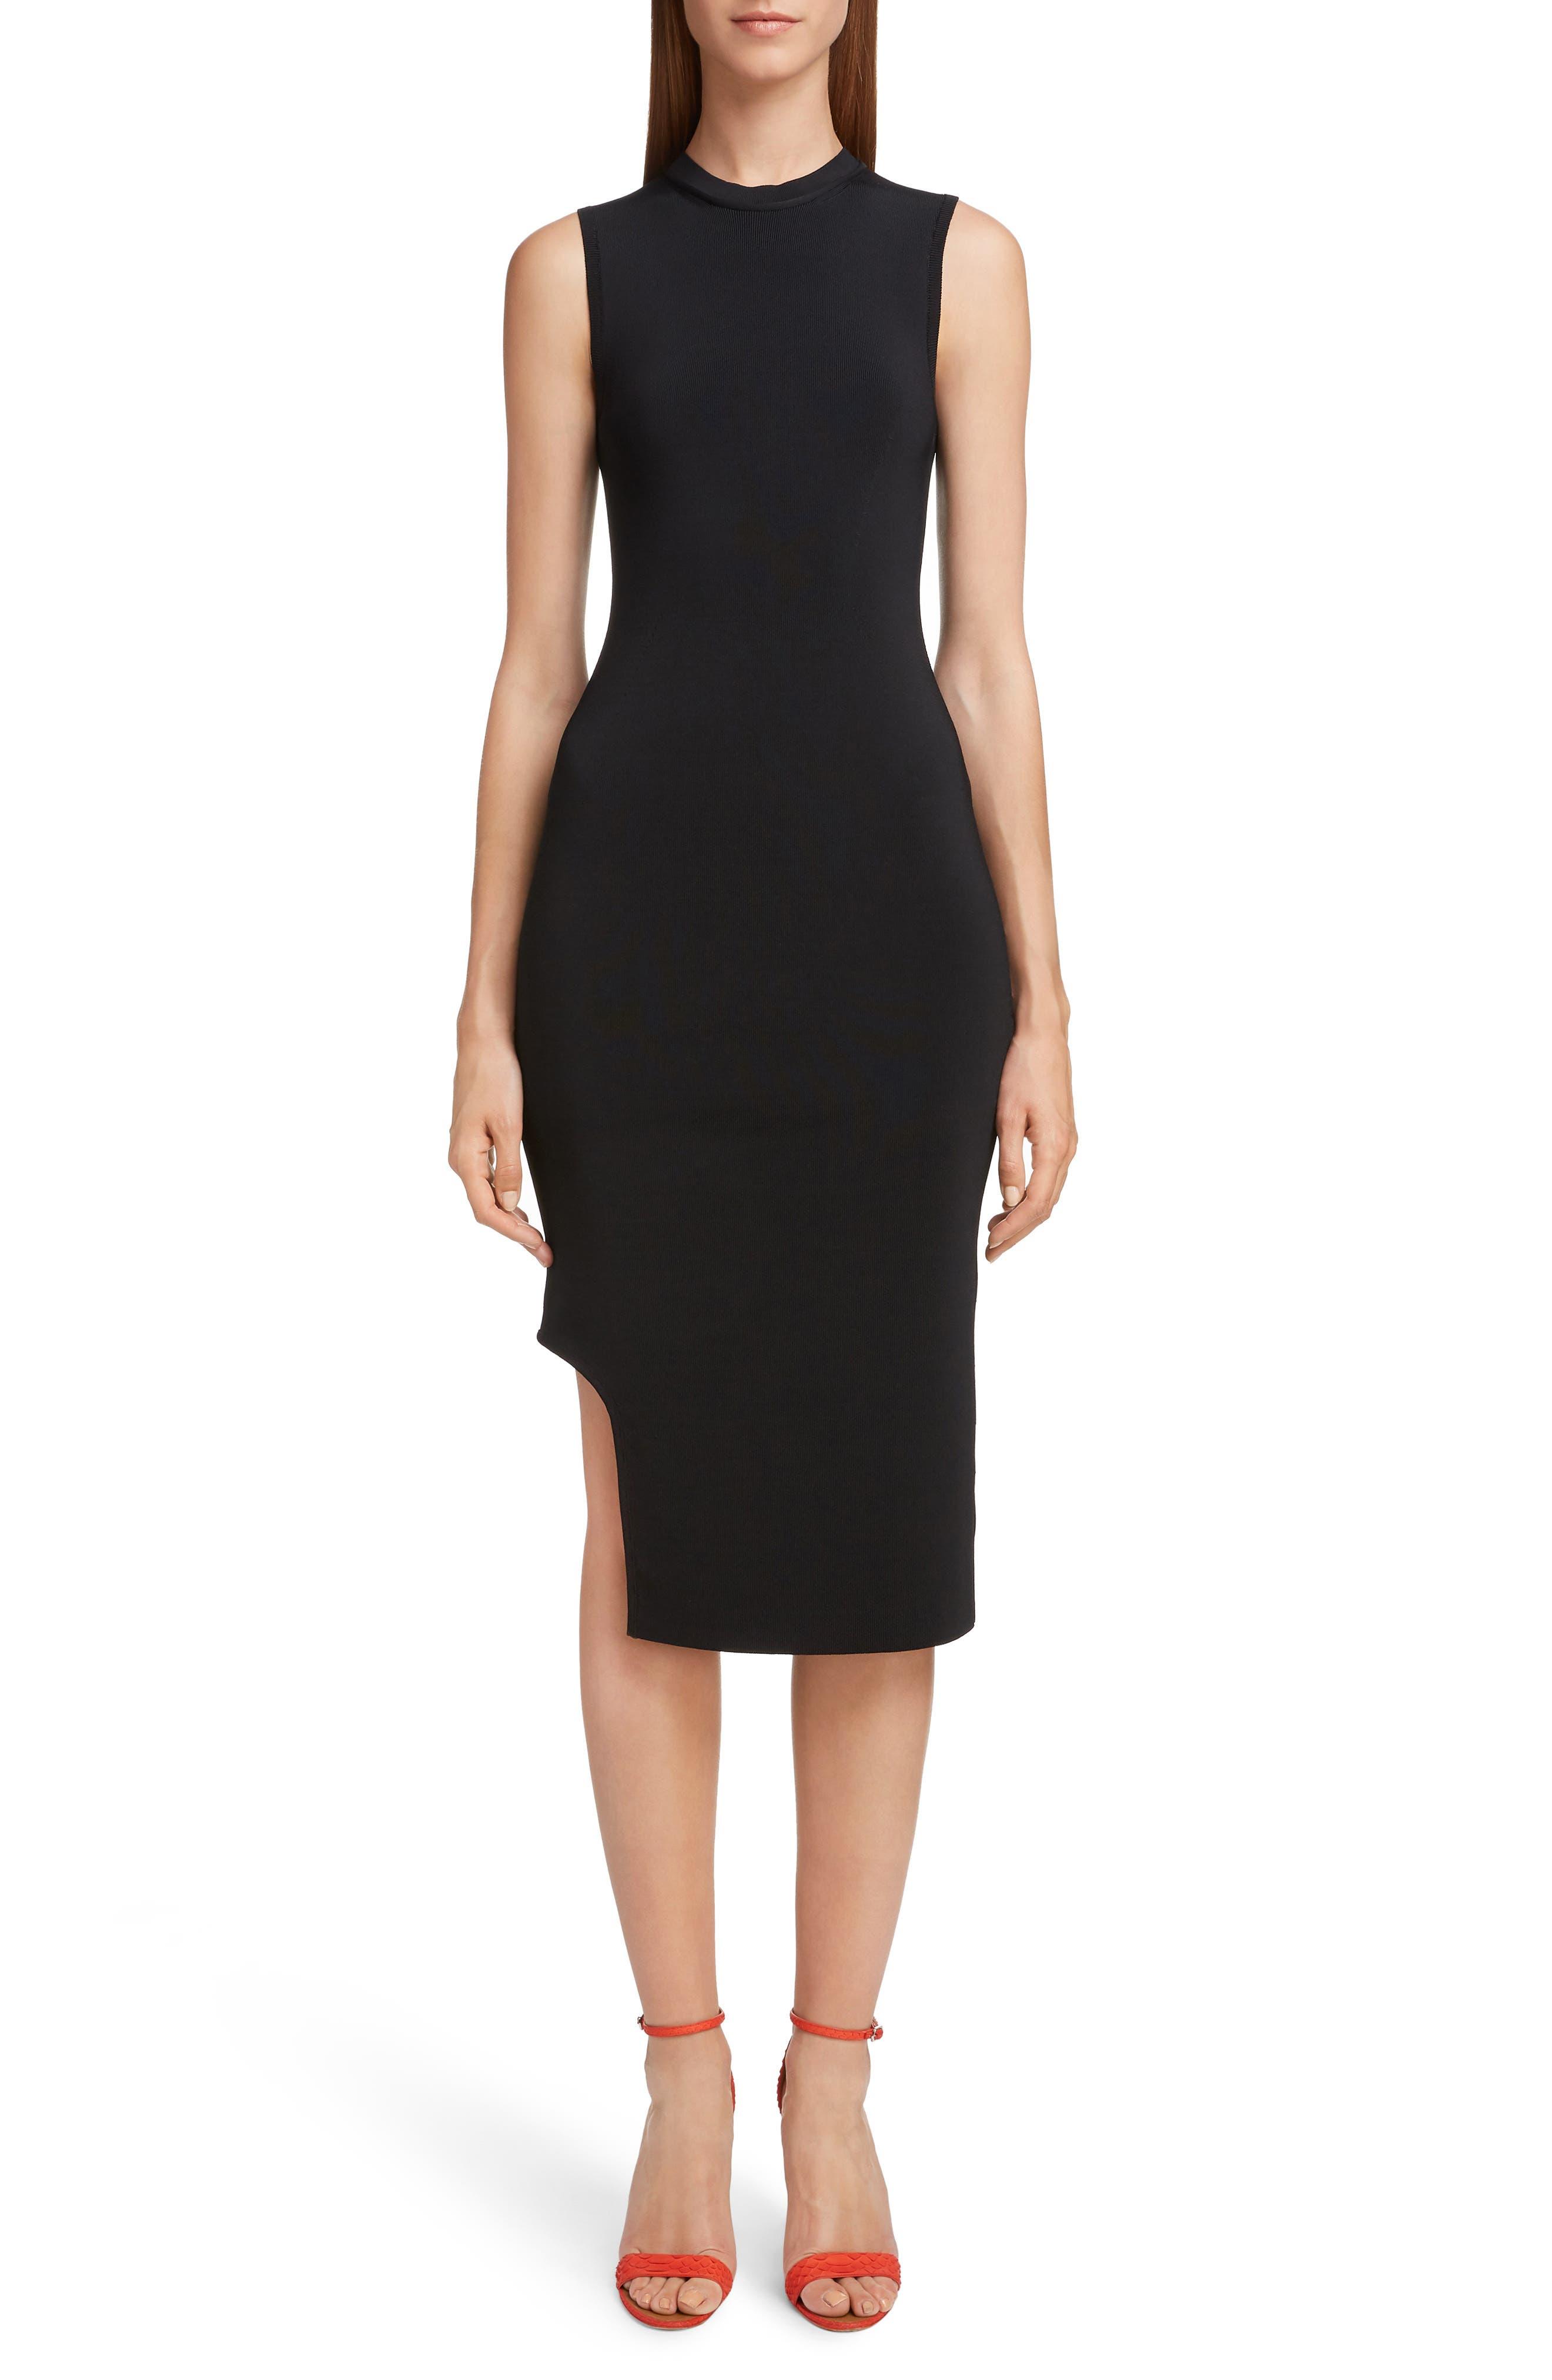 VICTORIA BECKHAM Cutout Knit Dress, Main, color, BLACK